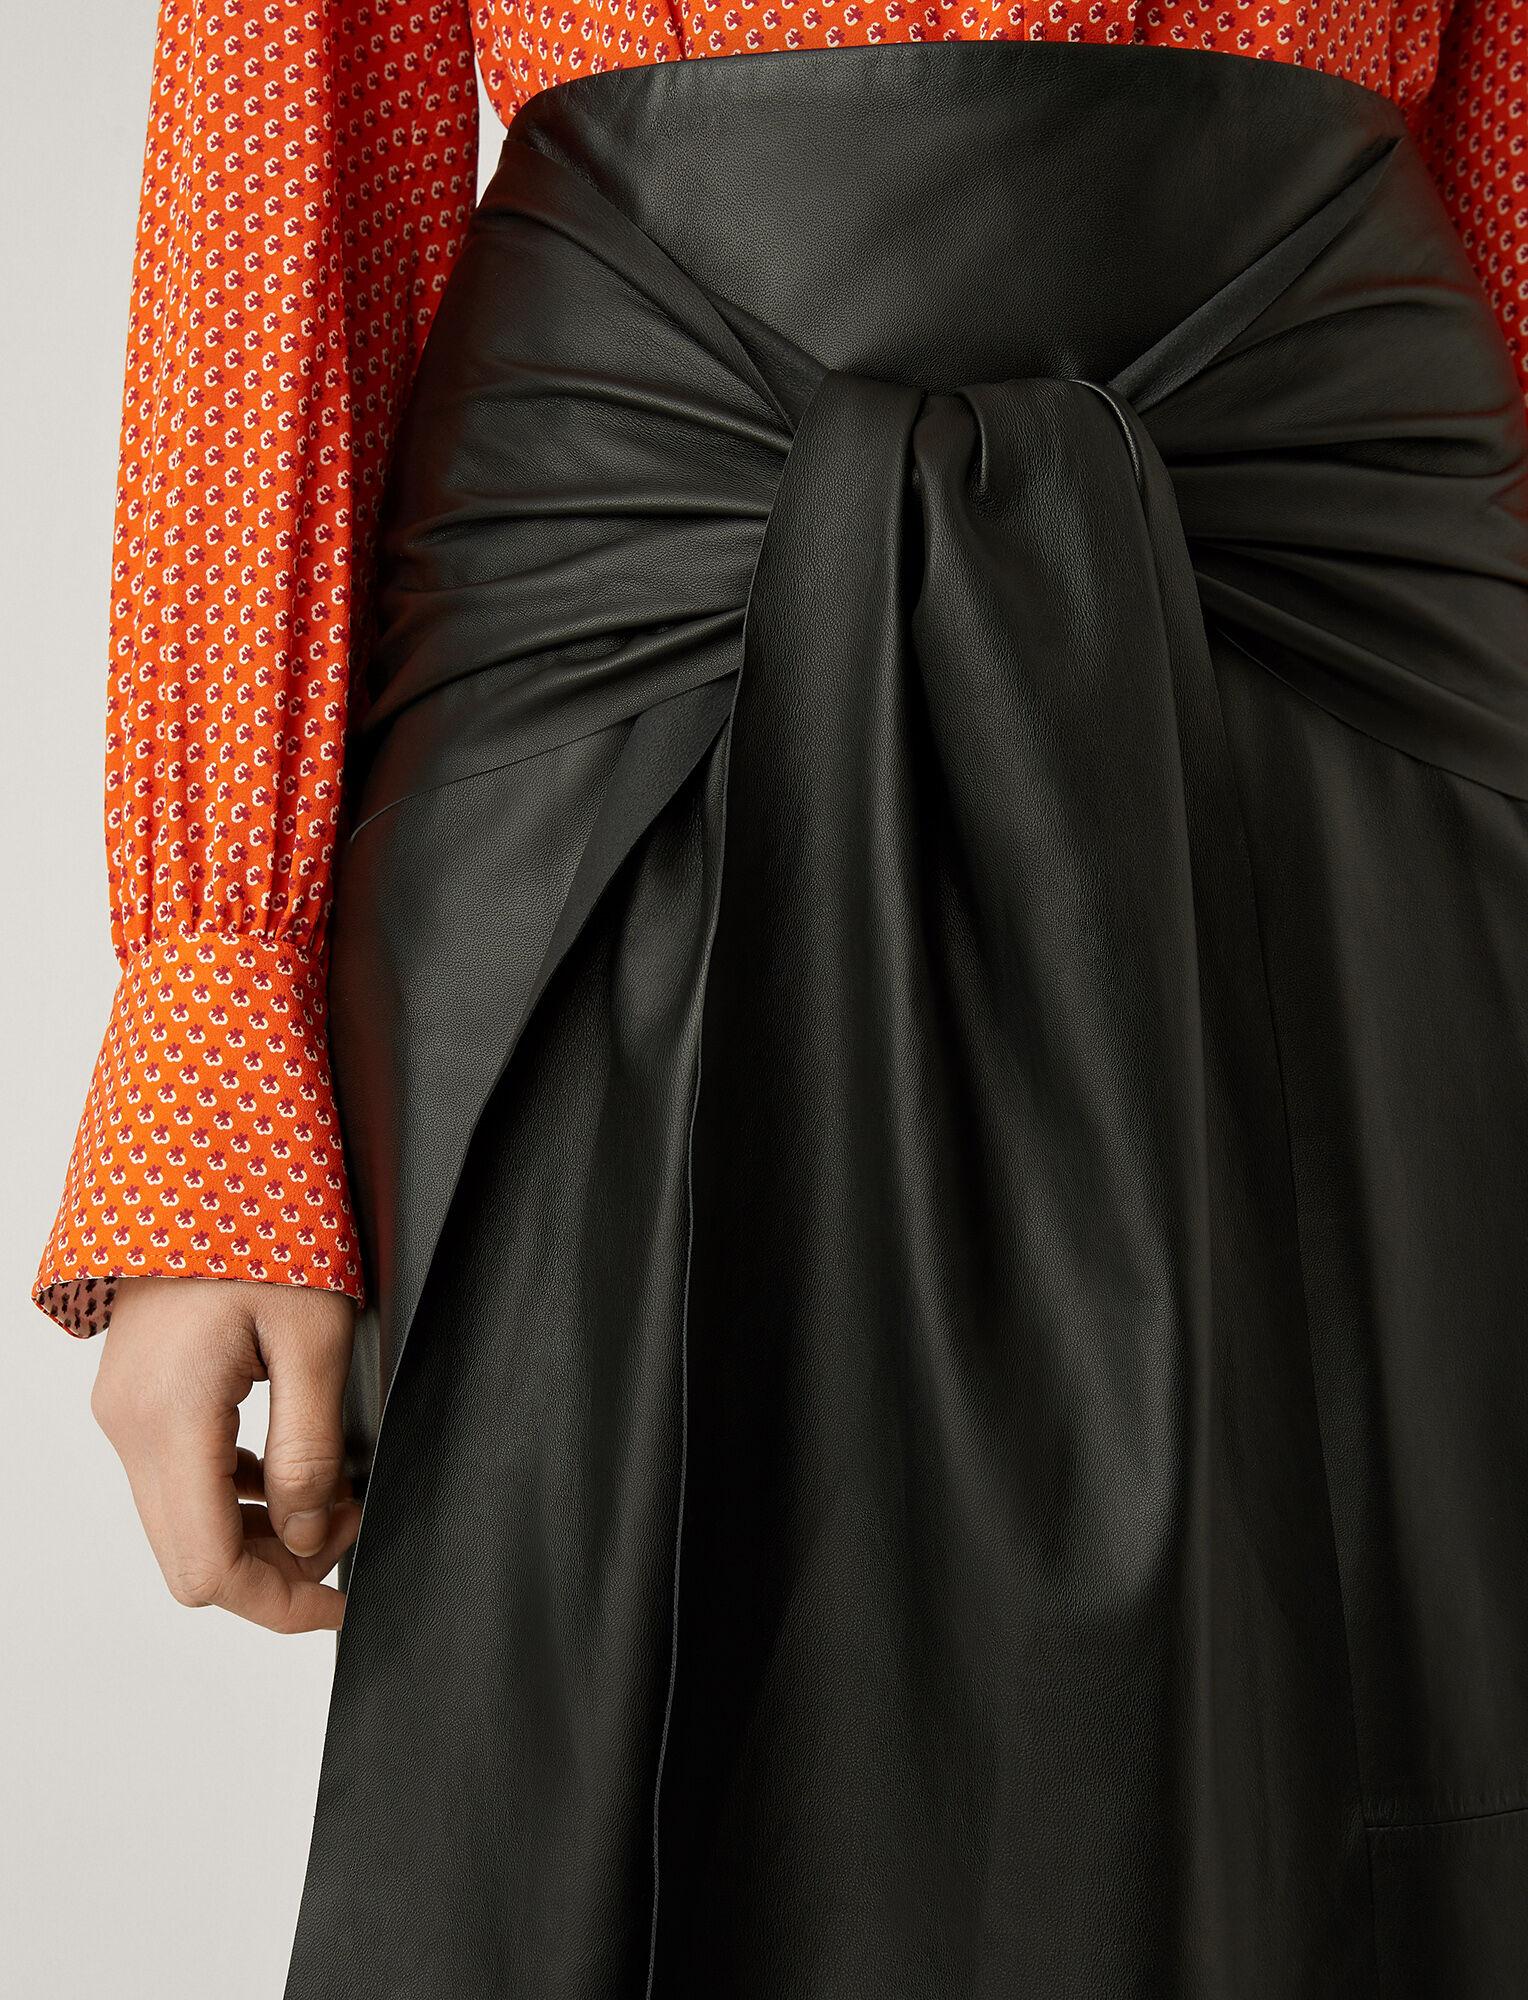 Joseph, Renne Leather Skirt, in BLACK